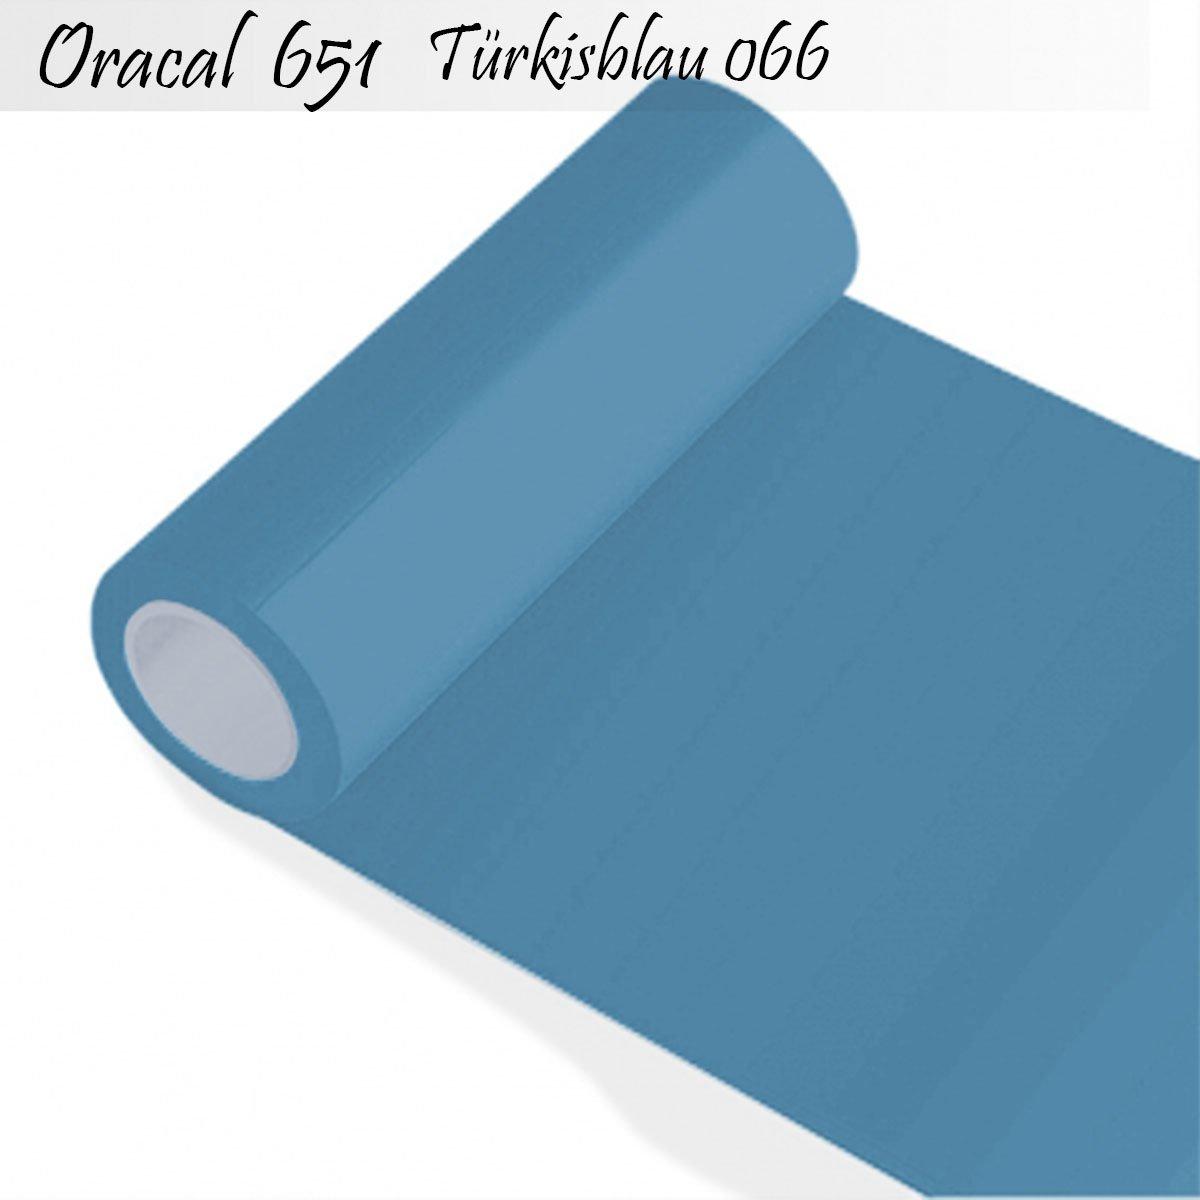 Oracal 651 - Orafol Folie 10m 10m 10m (Laufmeter) freie Farbwahl 55 glänzende Farben - glanz in 4 Größen, 63 cm Folienhöhe - Farbe 70 - schwarz B00TRTF7NU Wandtattoos & Wandbilder d7a043